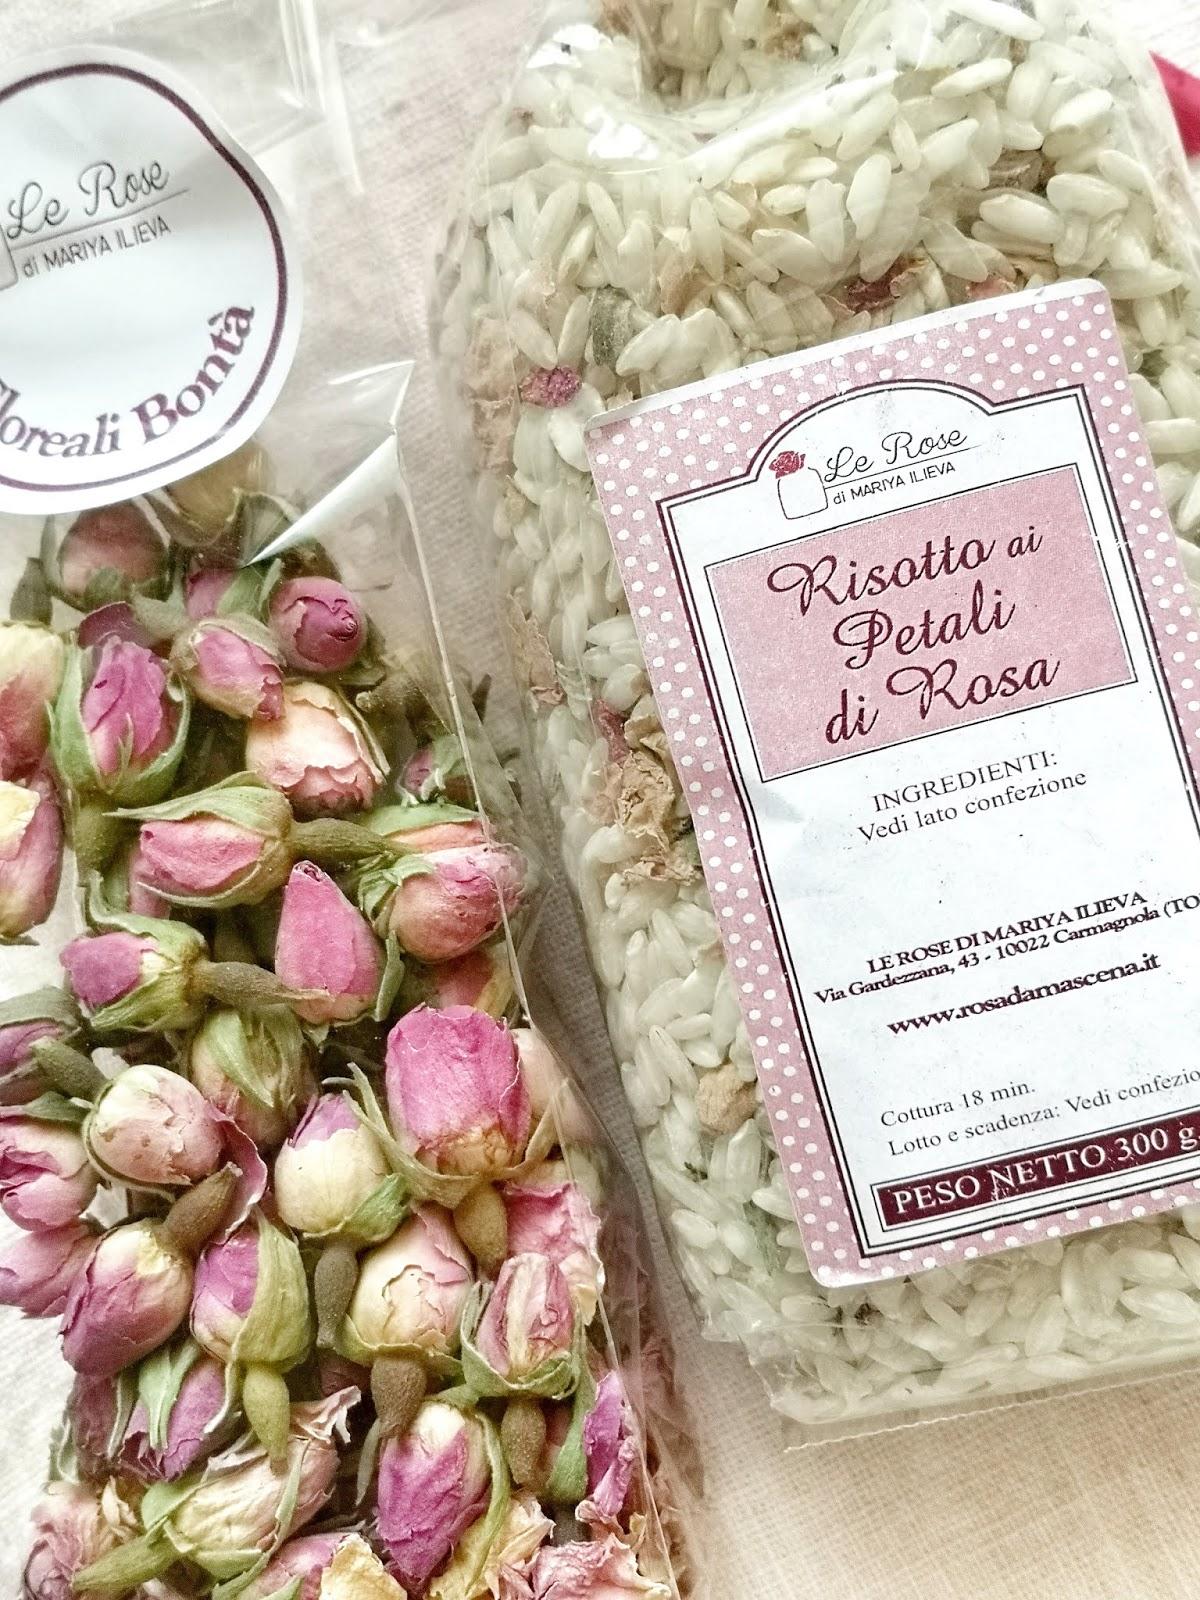 preparato per risotto alla rosa damascena